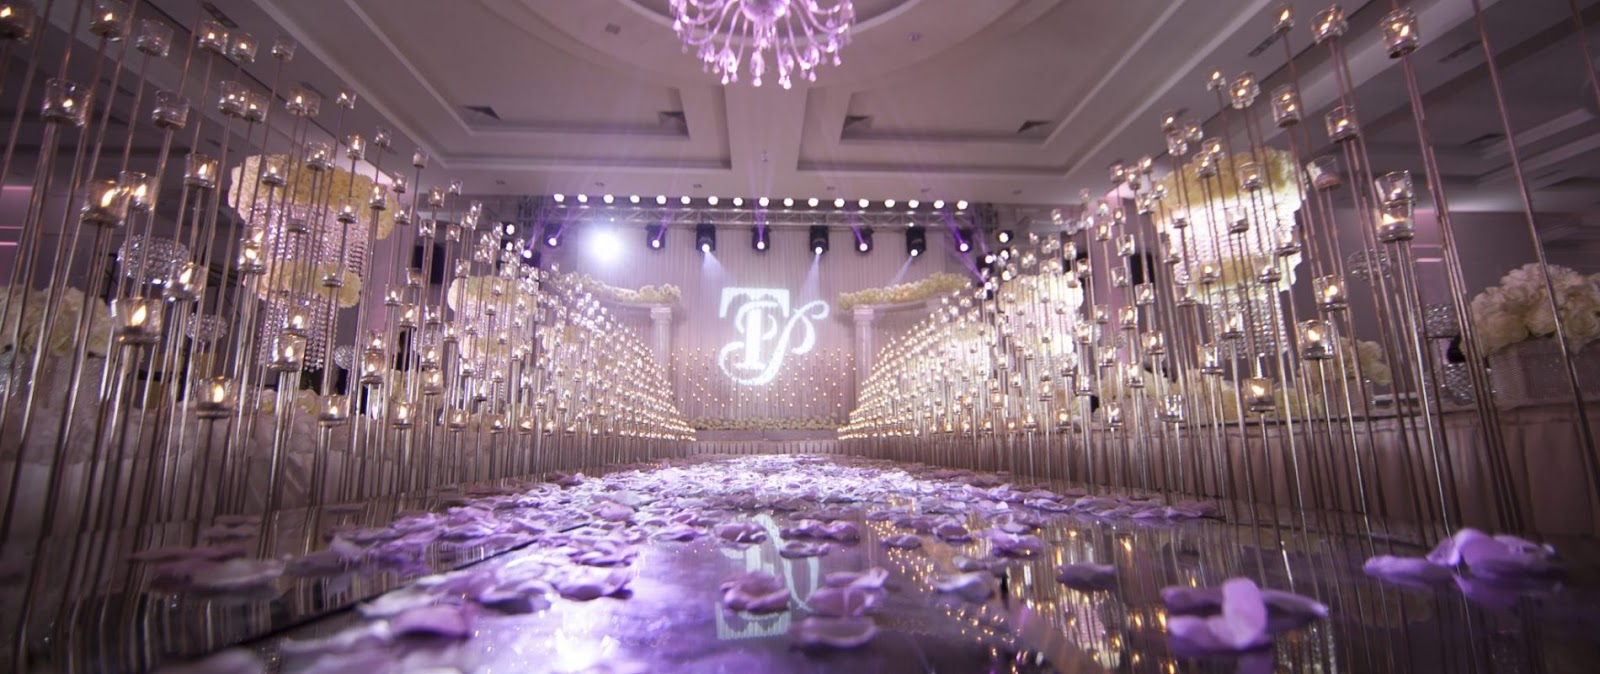 Top 15 Nhà hàng tiệc cưới Hà Nội giá rẻ đẹp, tốt nhất đáng để lựa chọn